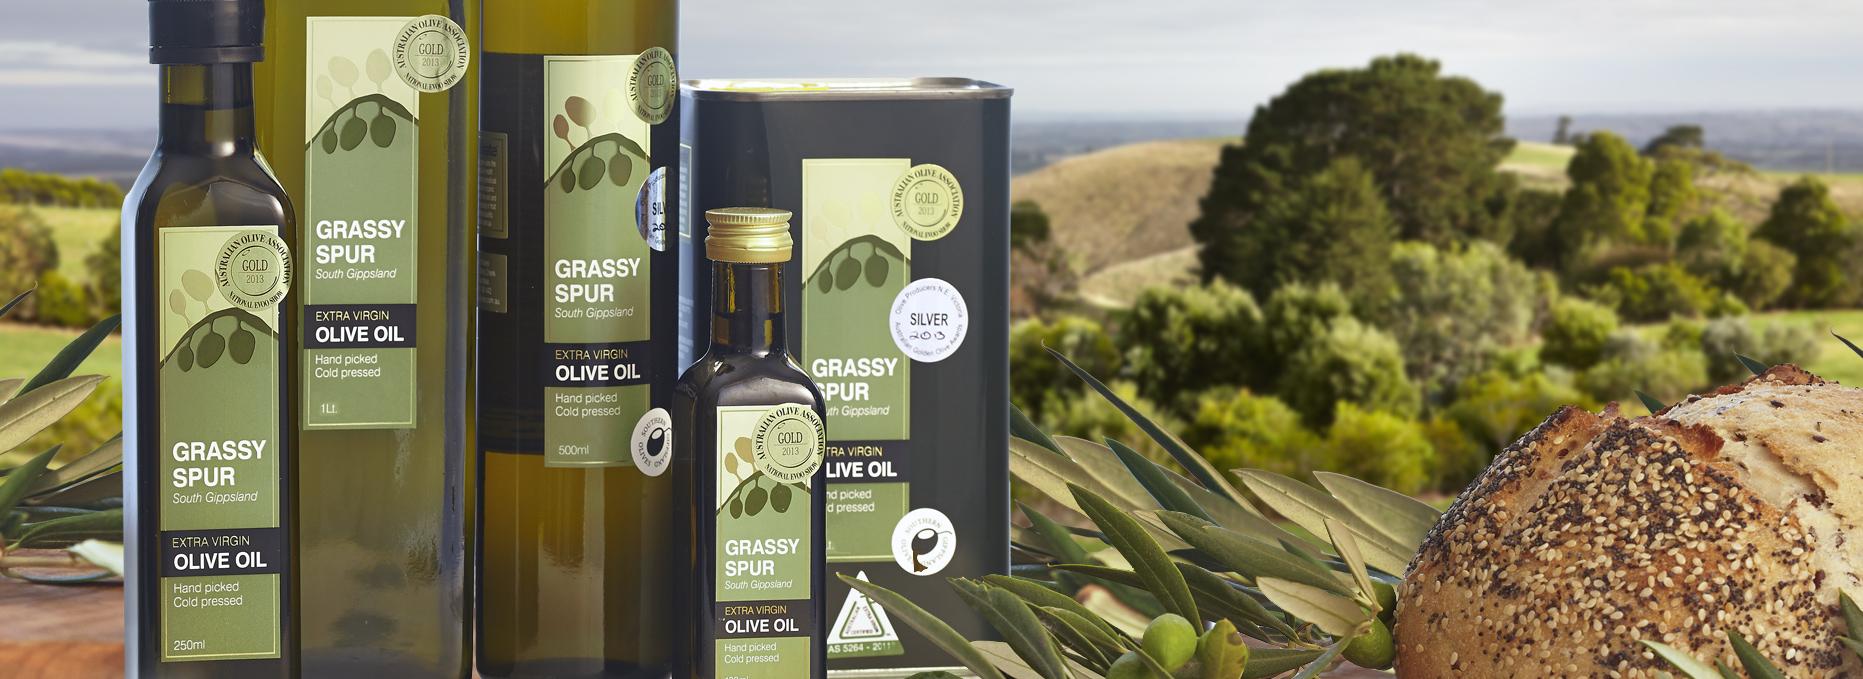 Grassy Spur Olives